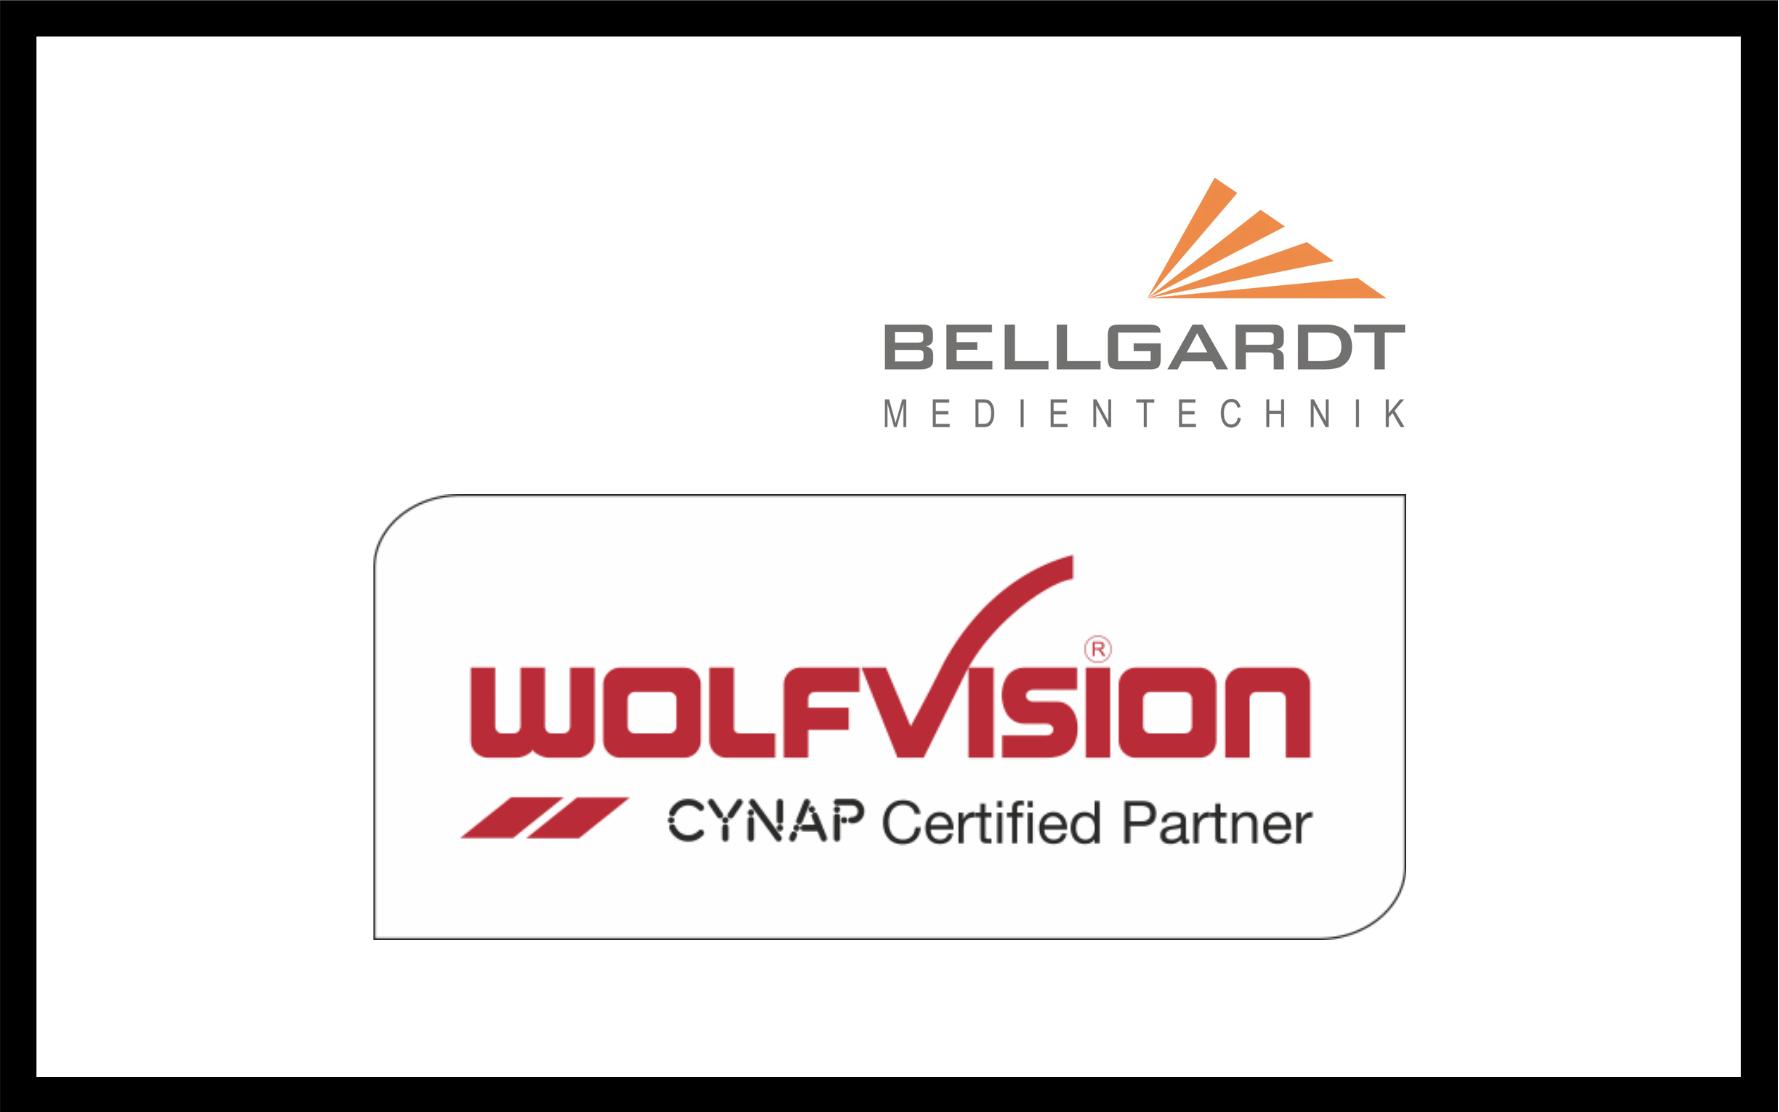 BGT_CYNAP_Partner